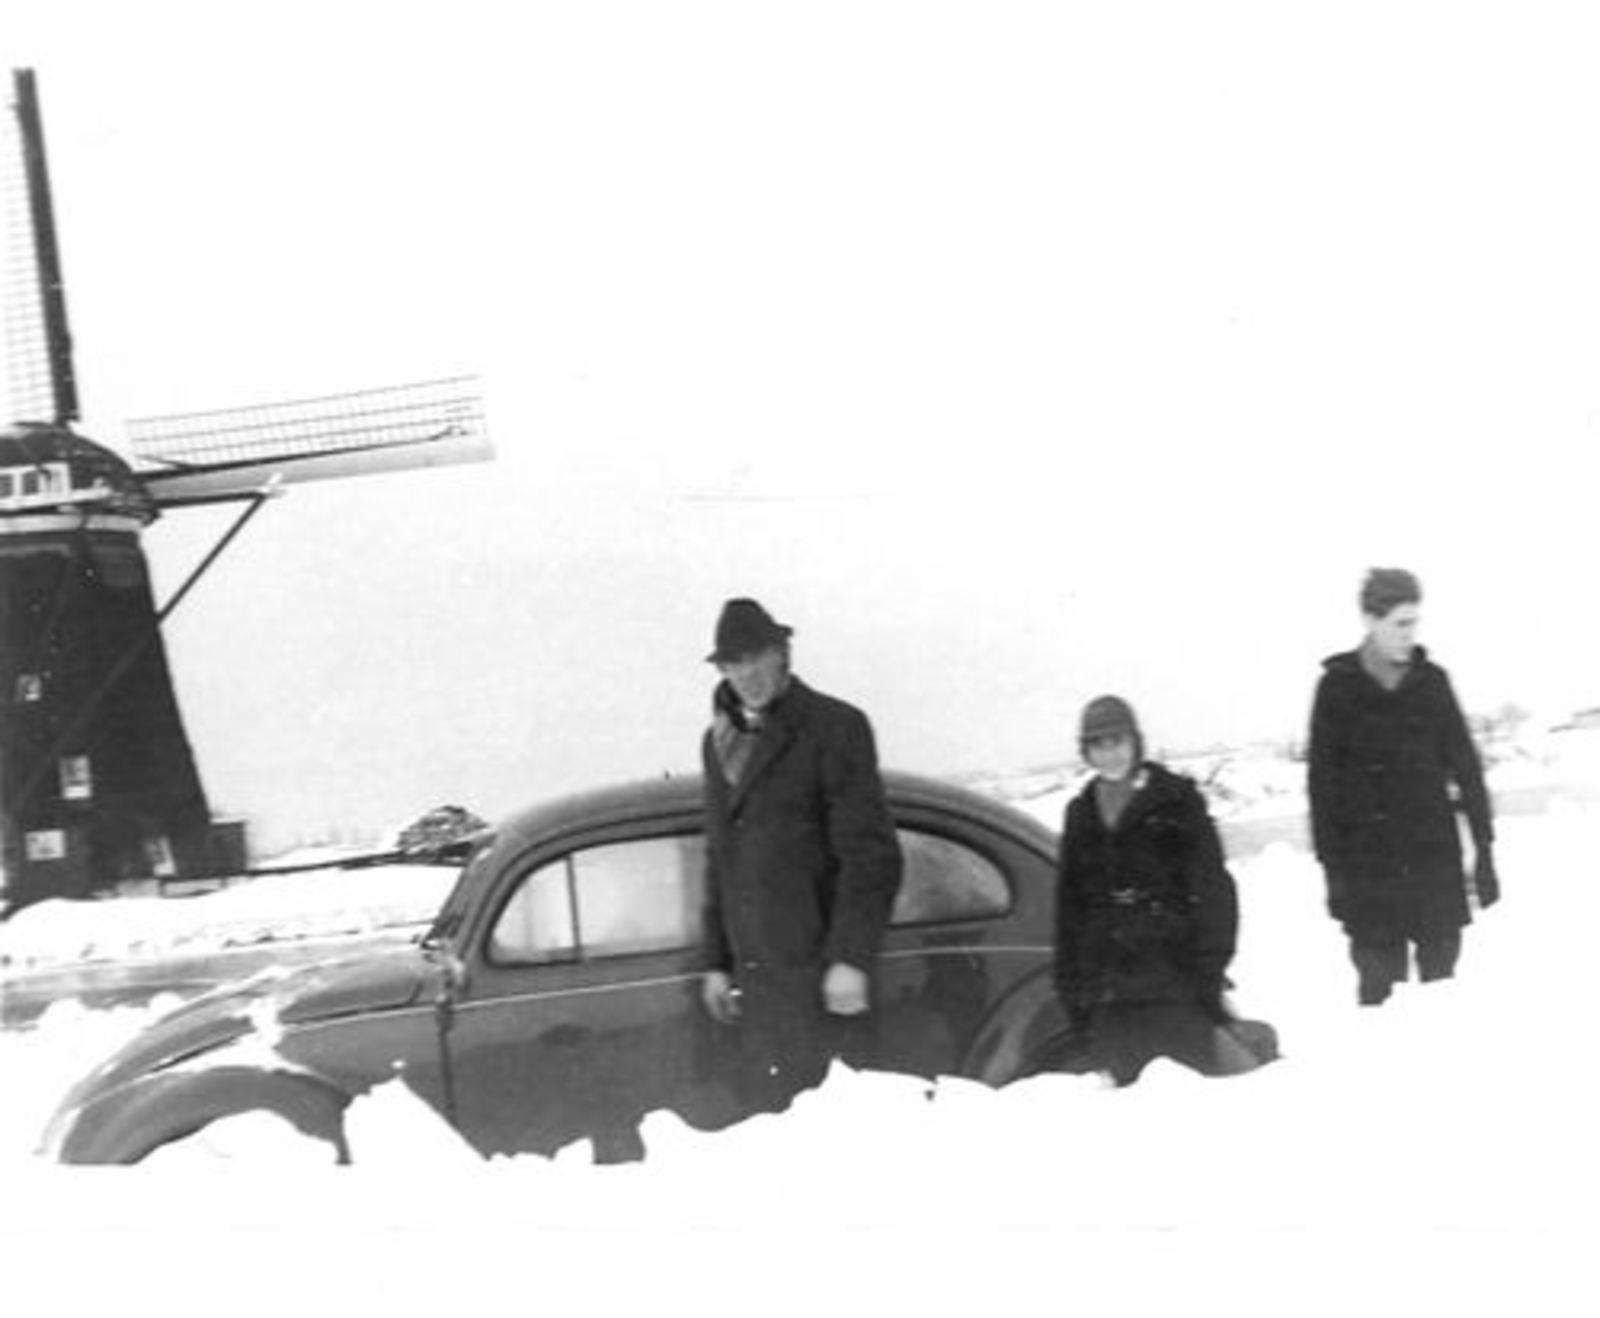 Lisserdijk 0130± Overzijde 1963 Molen met Broers Rip in de Sneeuw